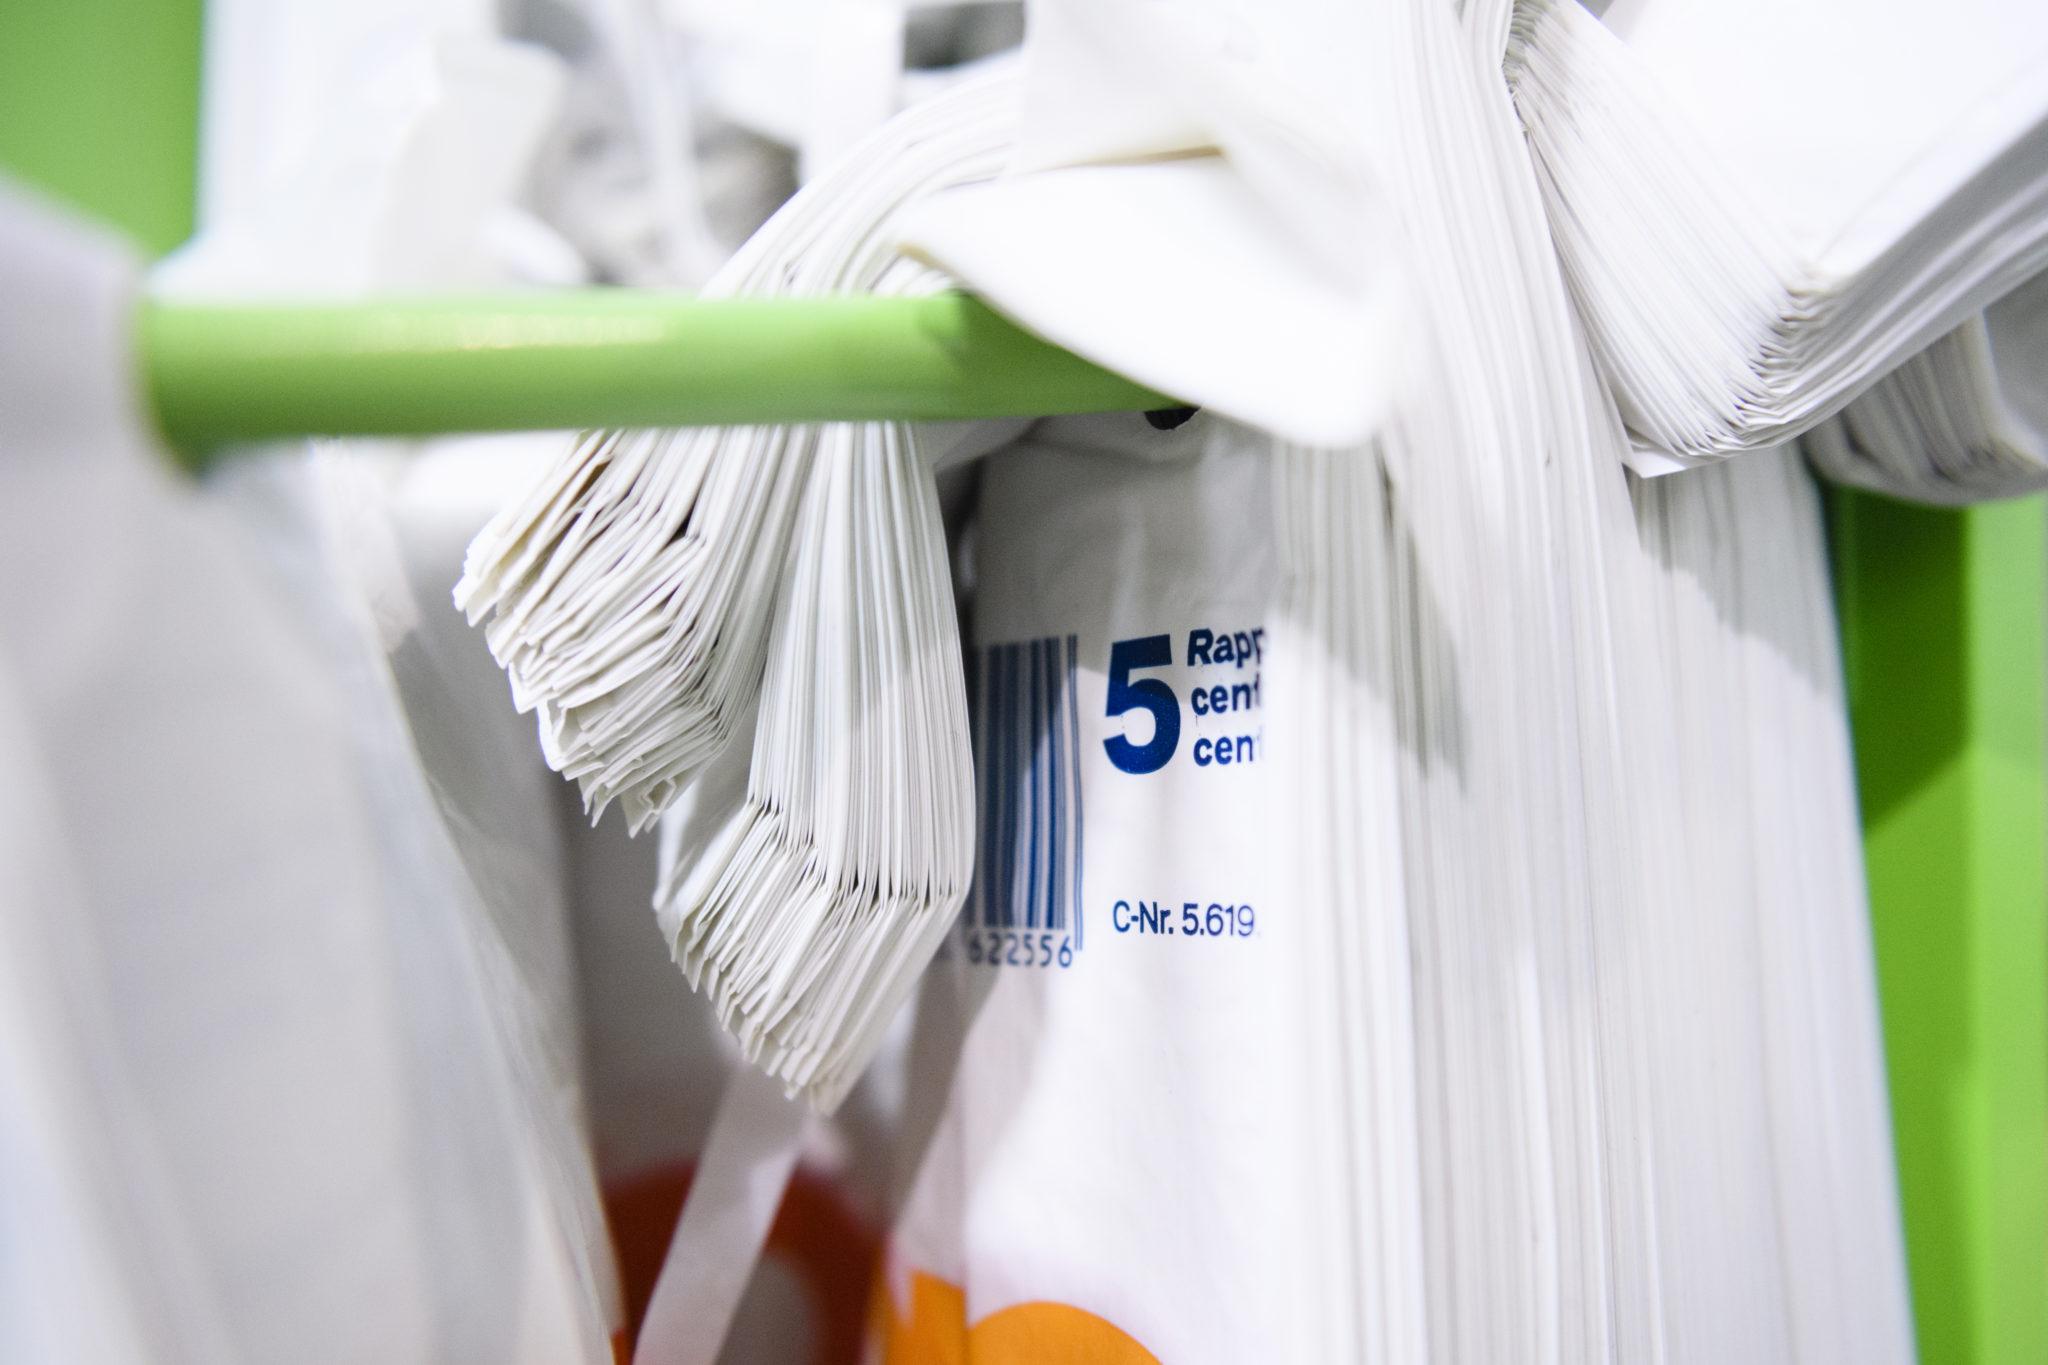 Ein Plastiksäcklein von Coop, welches ab heute in zehn Coop-Filialen im Rahmen einer Testphase fuer 5 Rappen verkauft wird, fotografiert am Montag, 24. Oktober 2016, im Coop Wiedikon in Zuerich. Bis im Fruehjahr 2017 soll es die kostenpflichtigen Saecke landesweit geben. Coop will zudem Saeckchen aus Recyclingmaterial verwenden, das weitgehend aus Folienabfaellen der Verteilzentralen stammt.